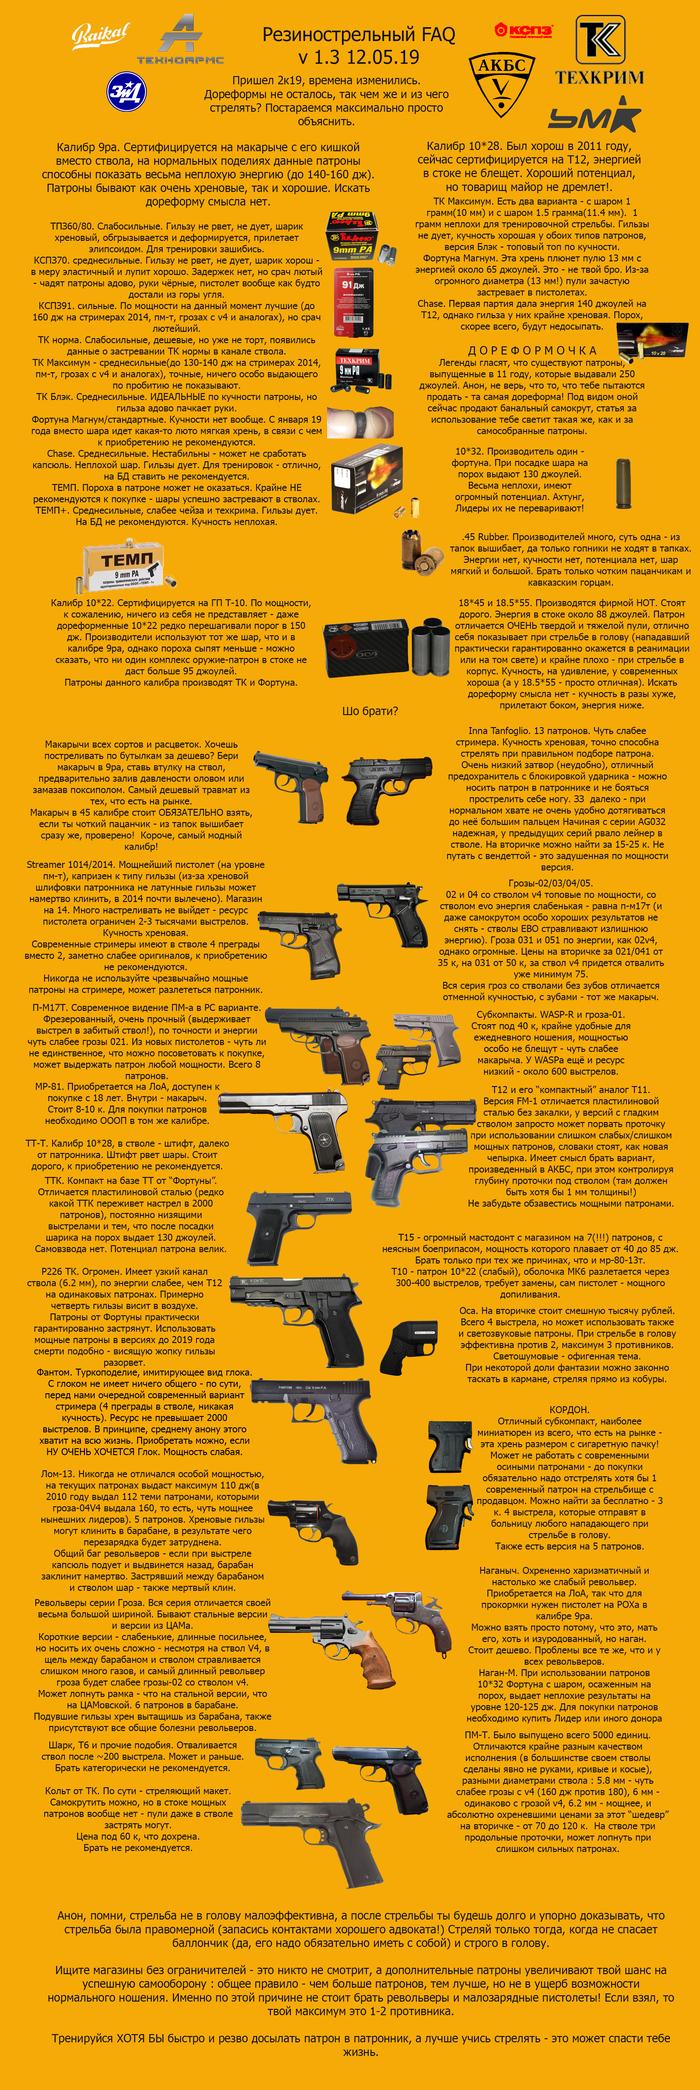 Выбор травматического оружия (ОООП) в 2019 году - из чего и чем стрелять. Оружие, Самооборона, Оооп, Травматическое оружие, Длиннопост